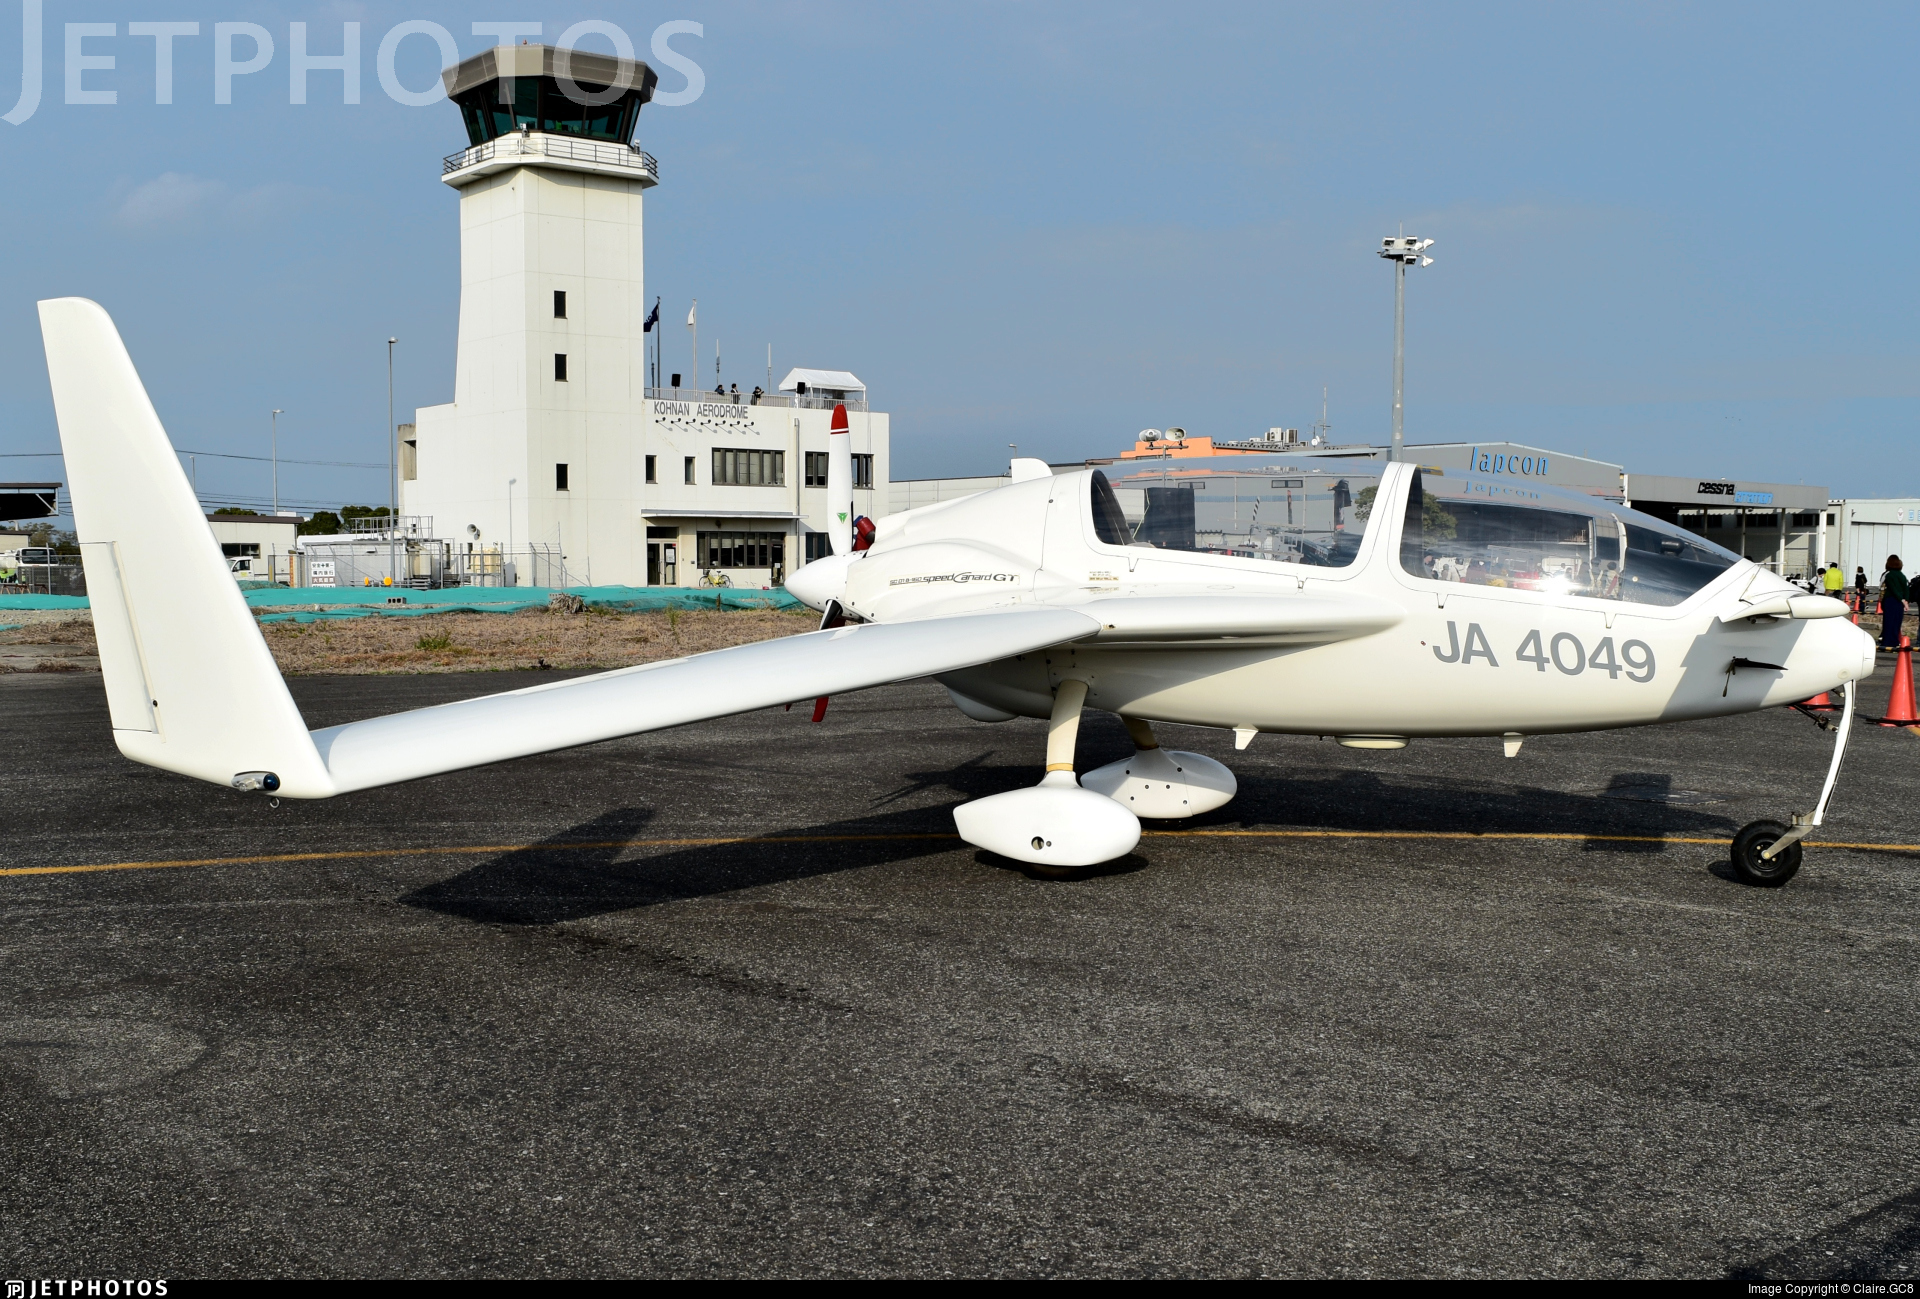 JA4049 - Gyroflug SC-01B-160 Speed Canard - Private